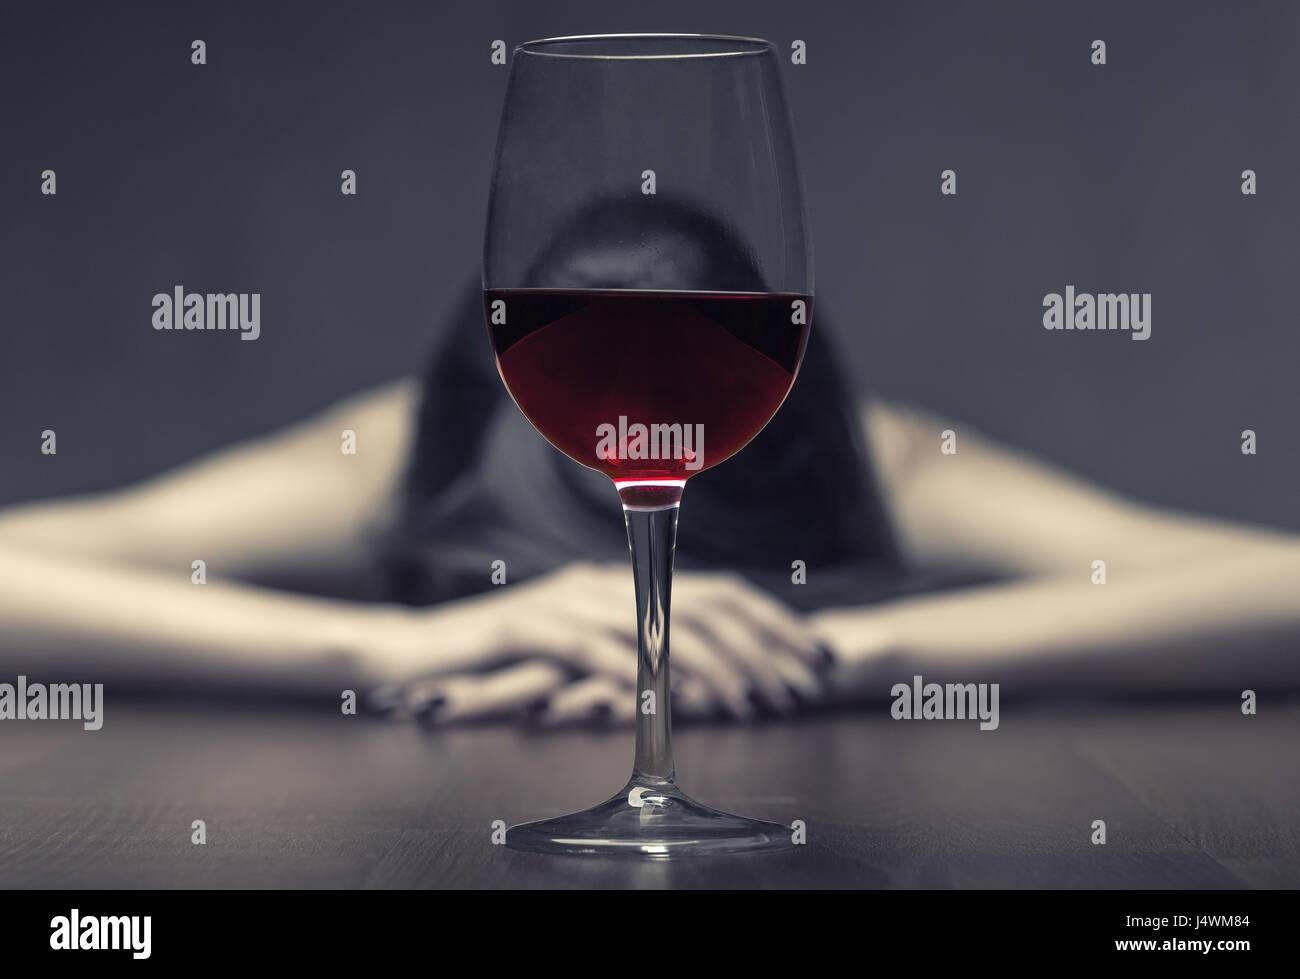 Donna in depressione, bere alcool su sfondo scuro. Focus sul vetro Immagini Stock